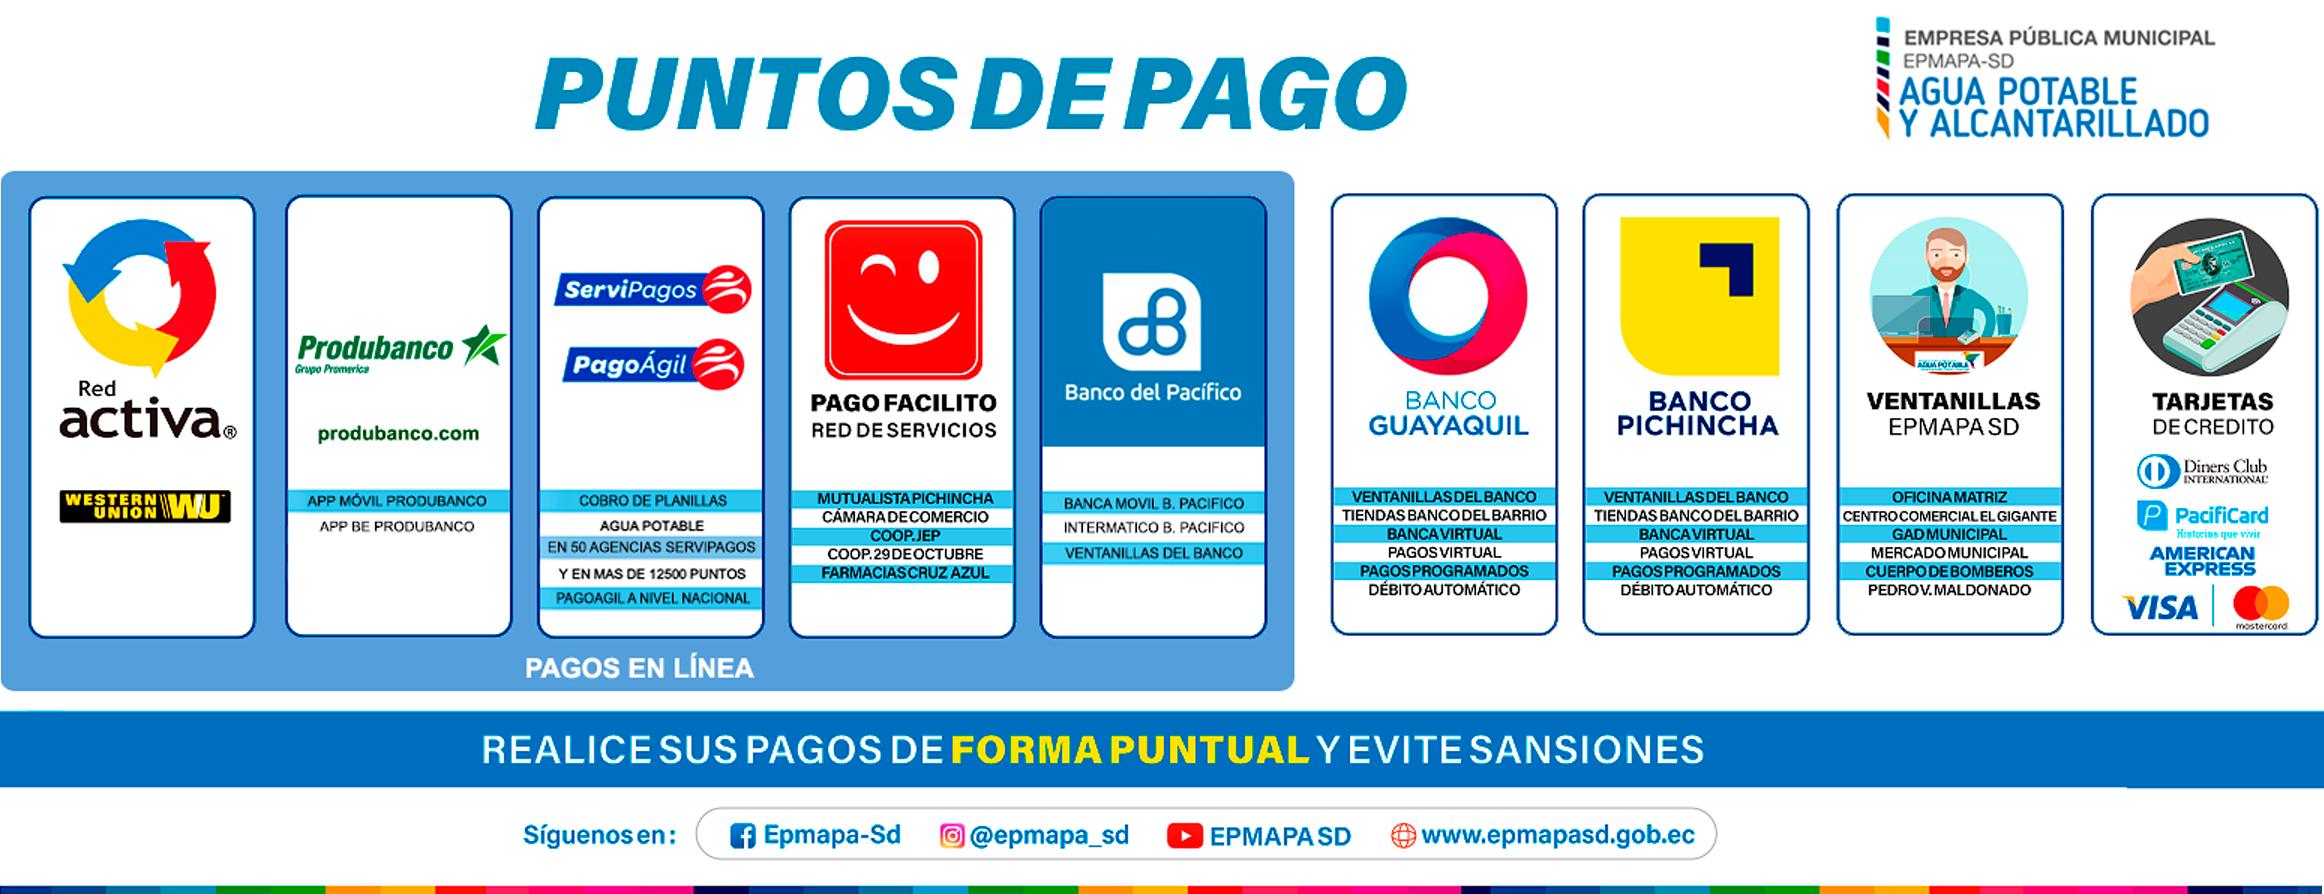 banner_puntos_pago